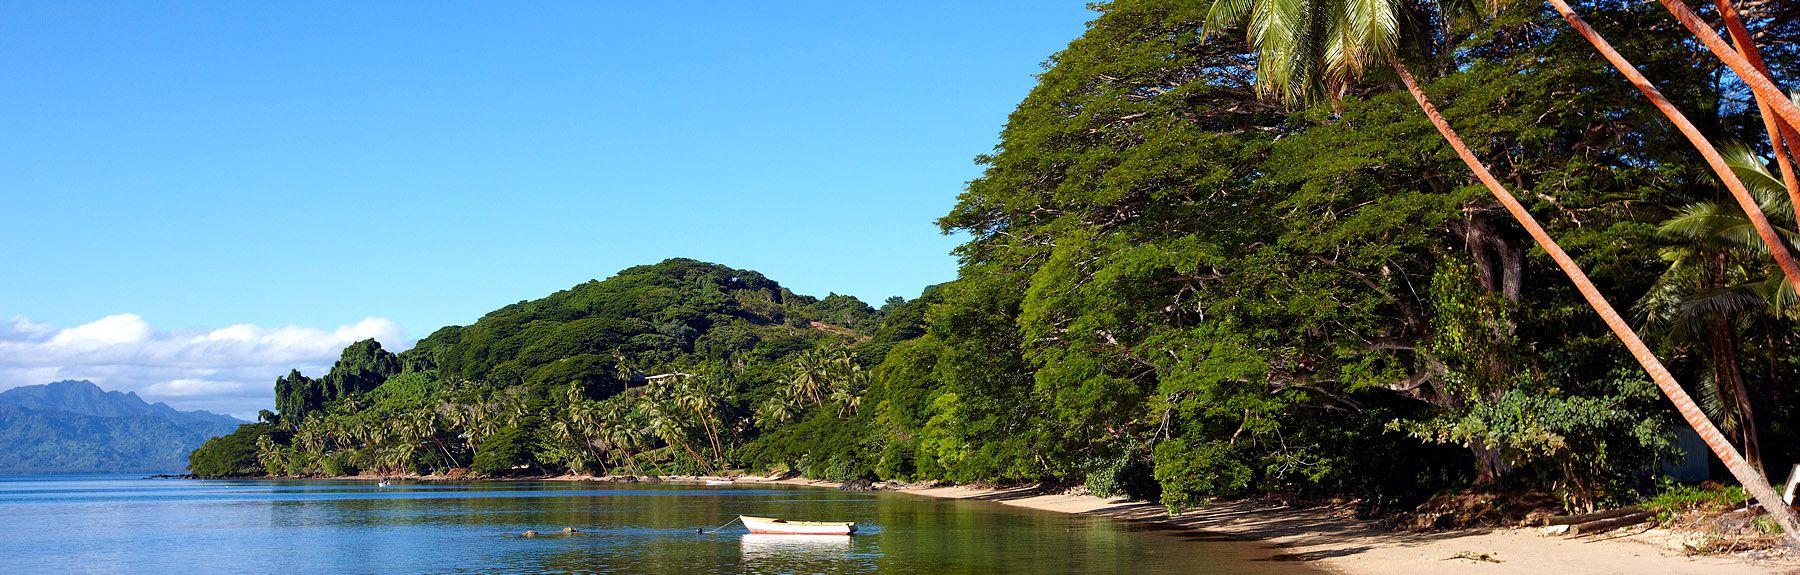 Savusavu, Northern Division, Fiji